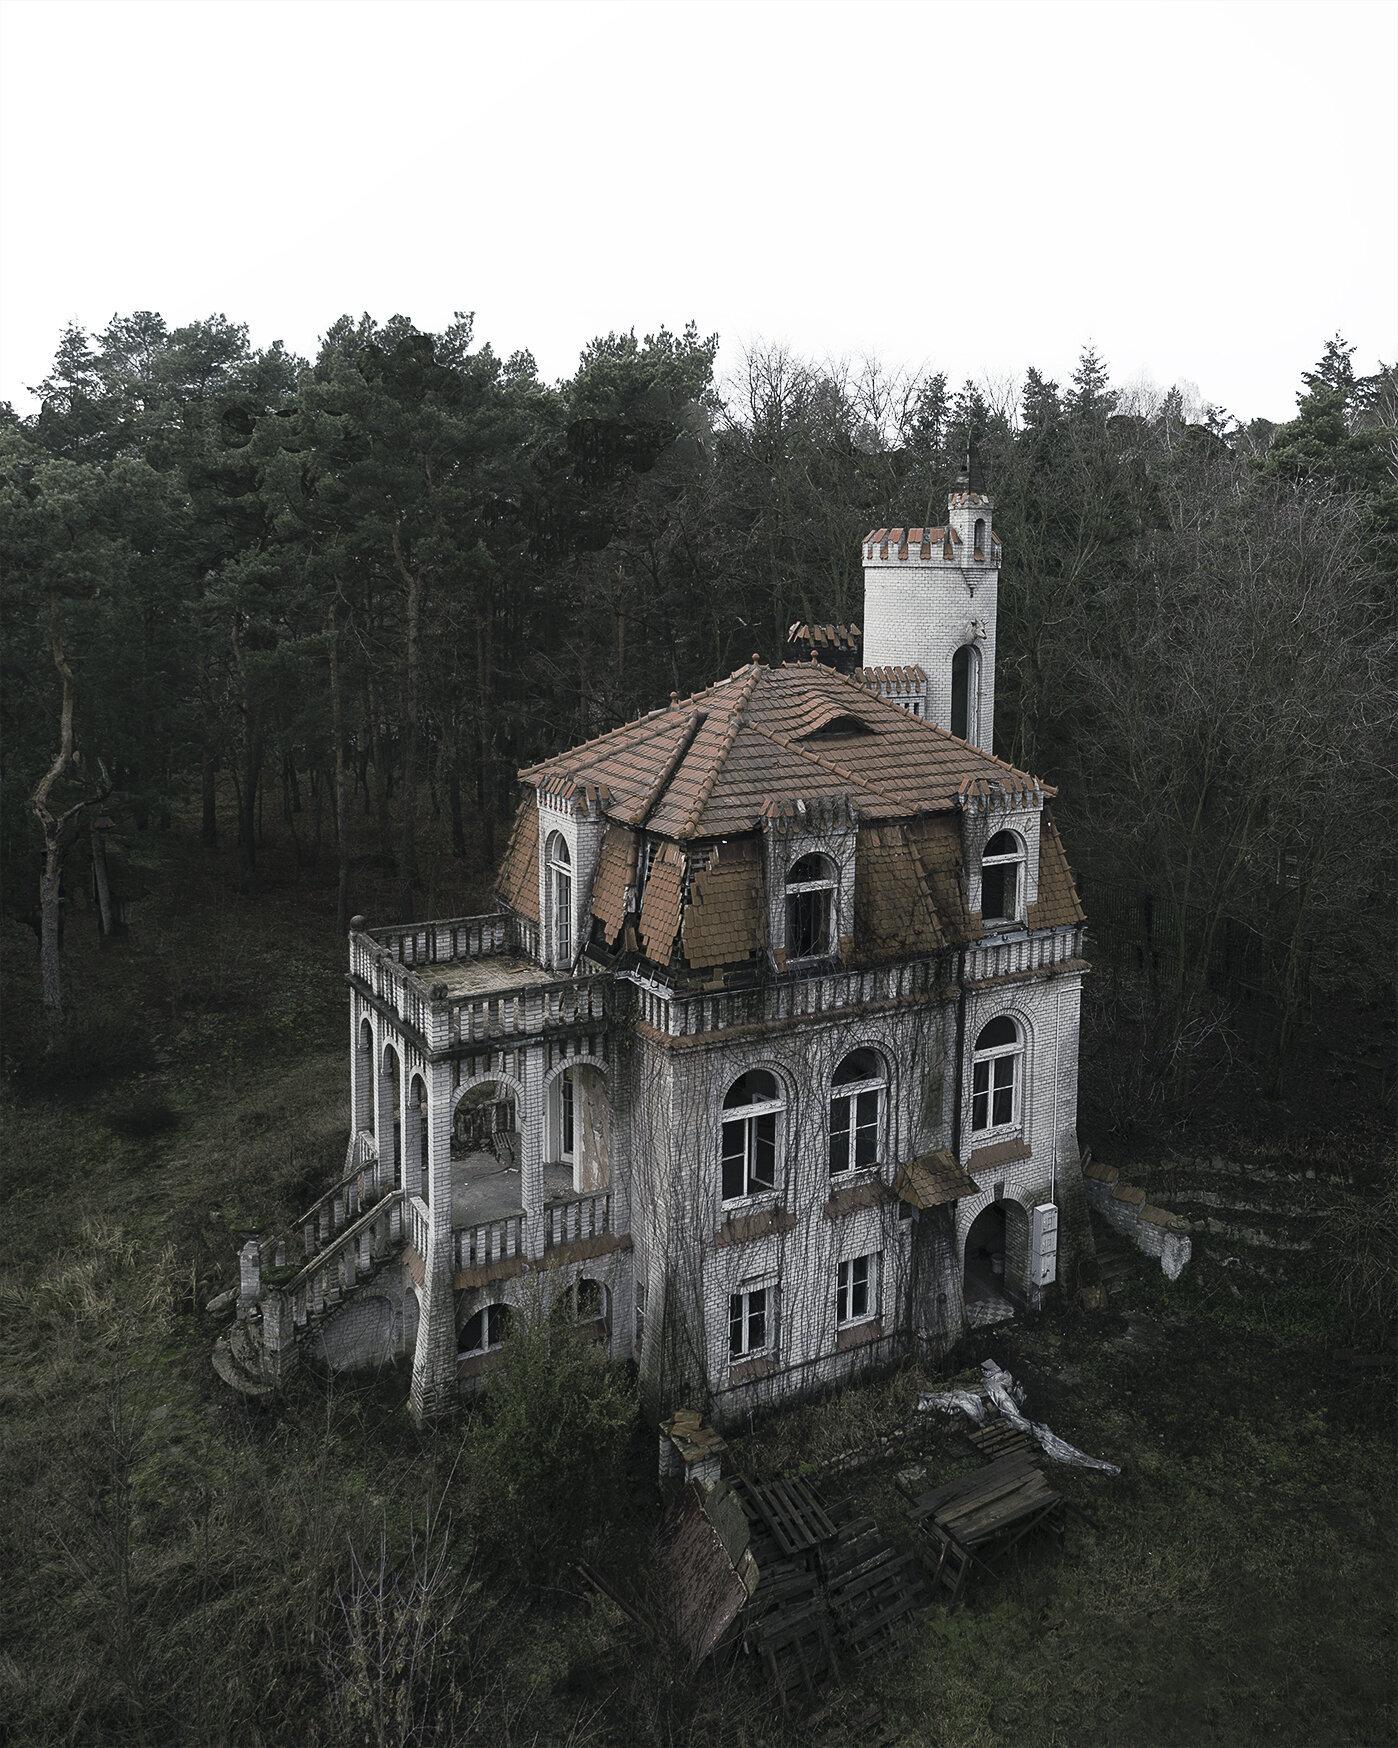 Abandoned Nordic